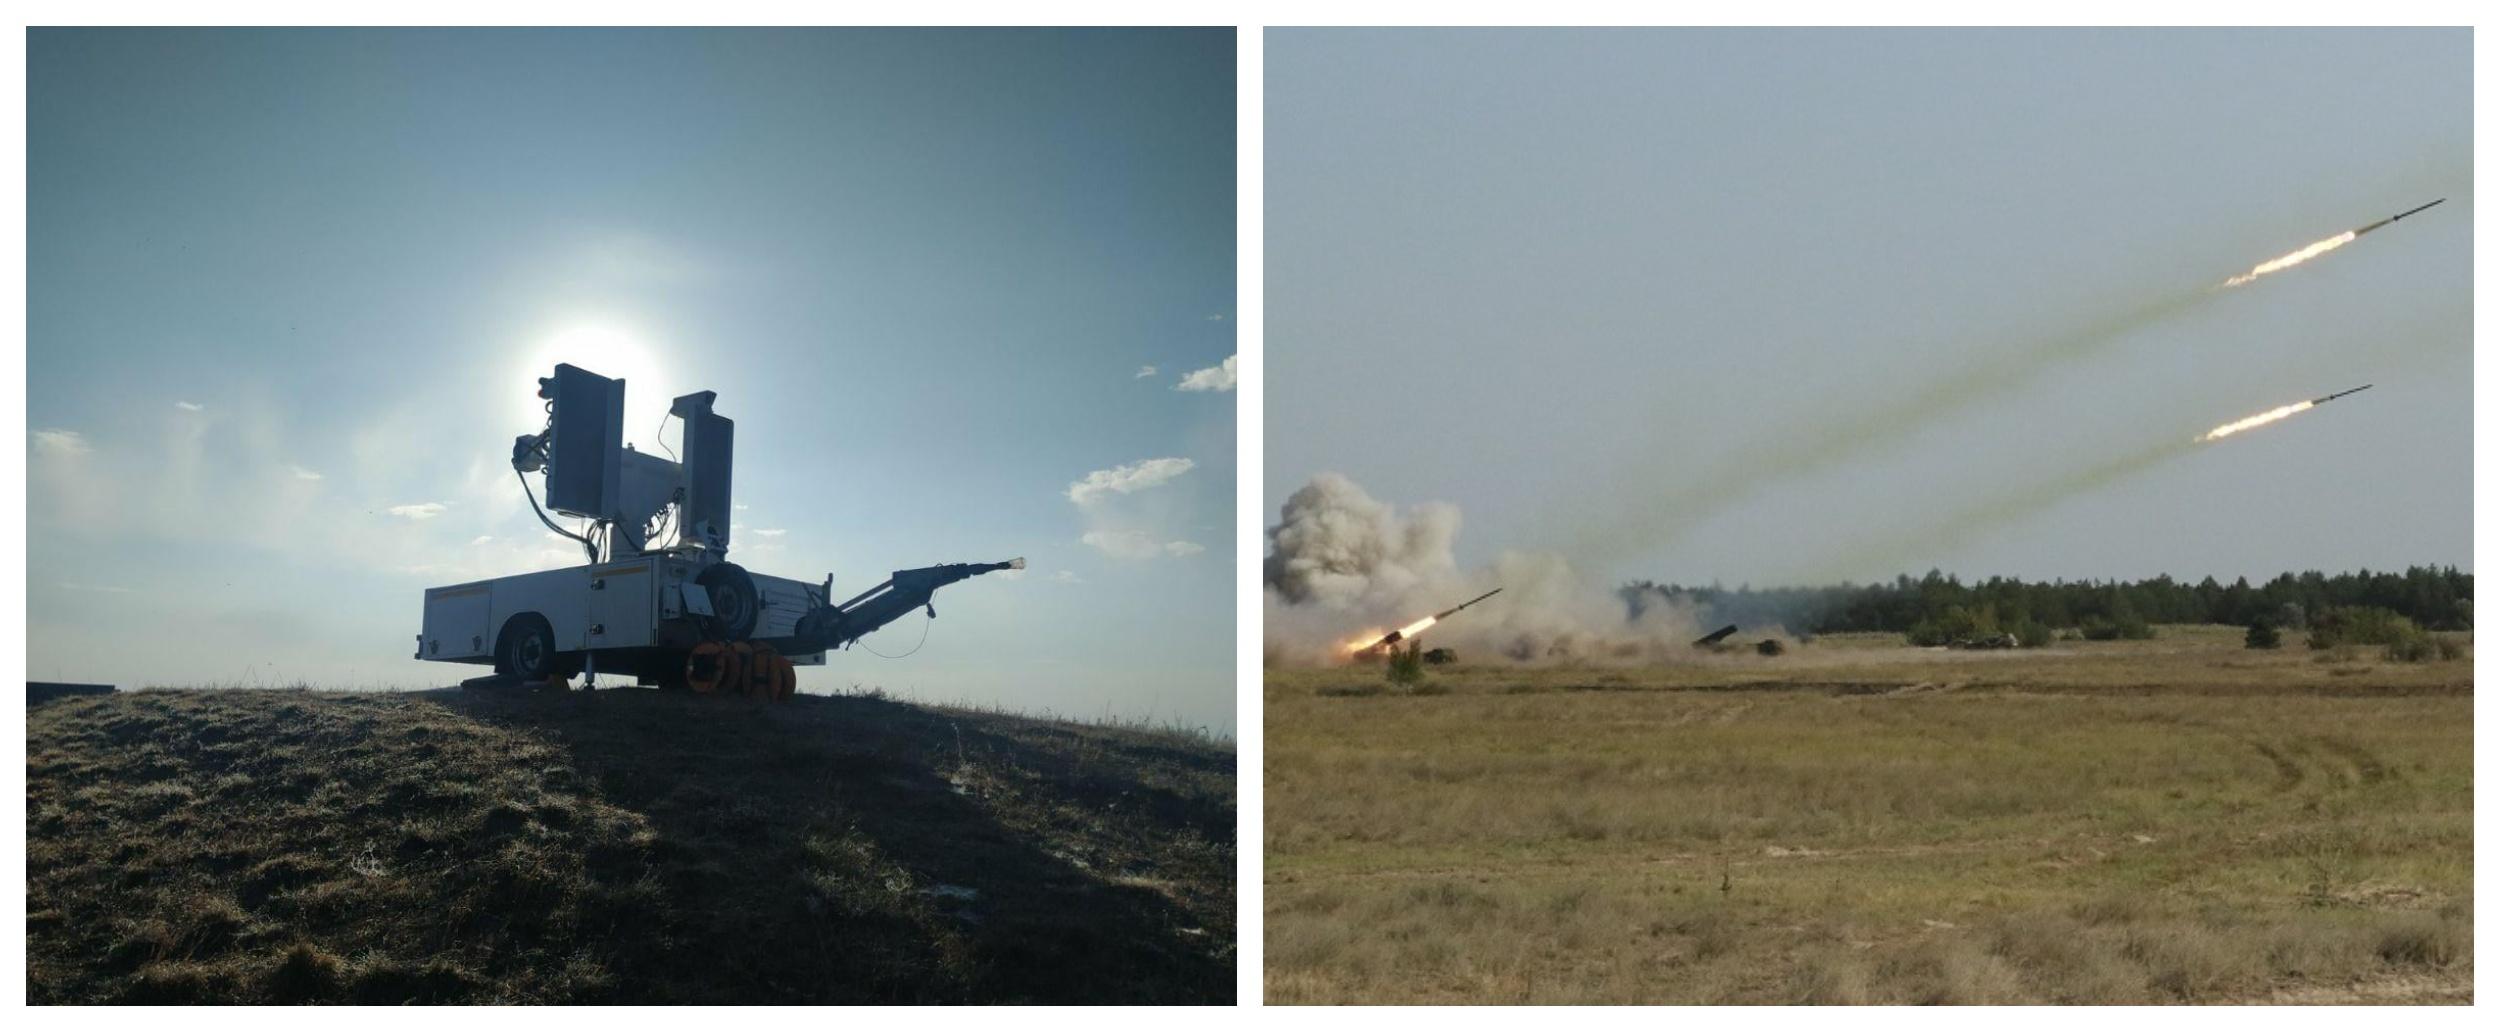 Украина испытывает ракеты C-300 и